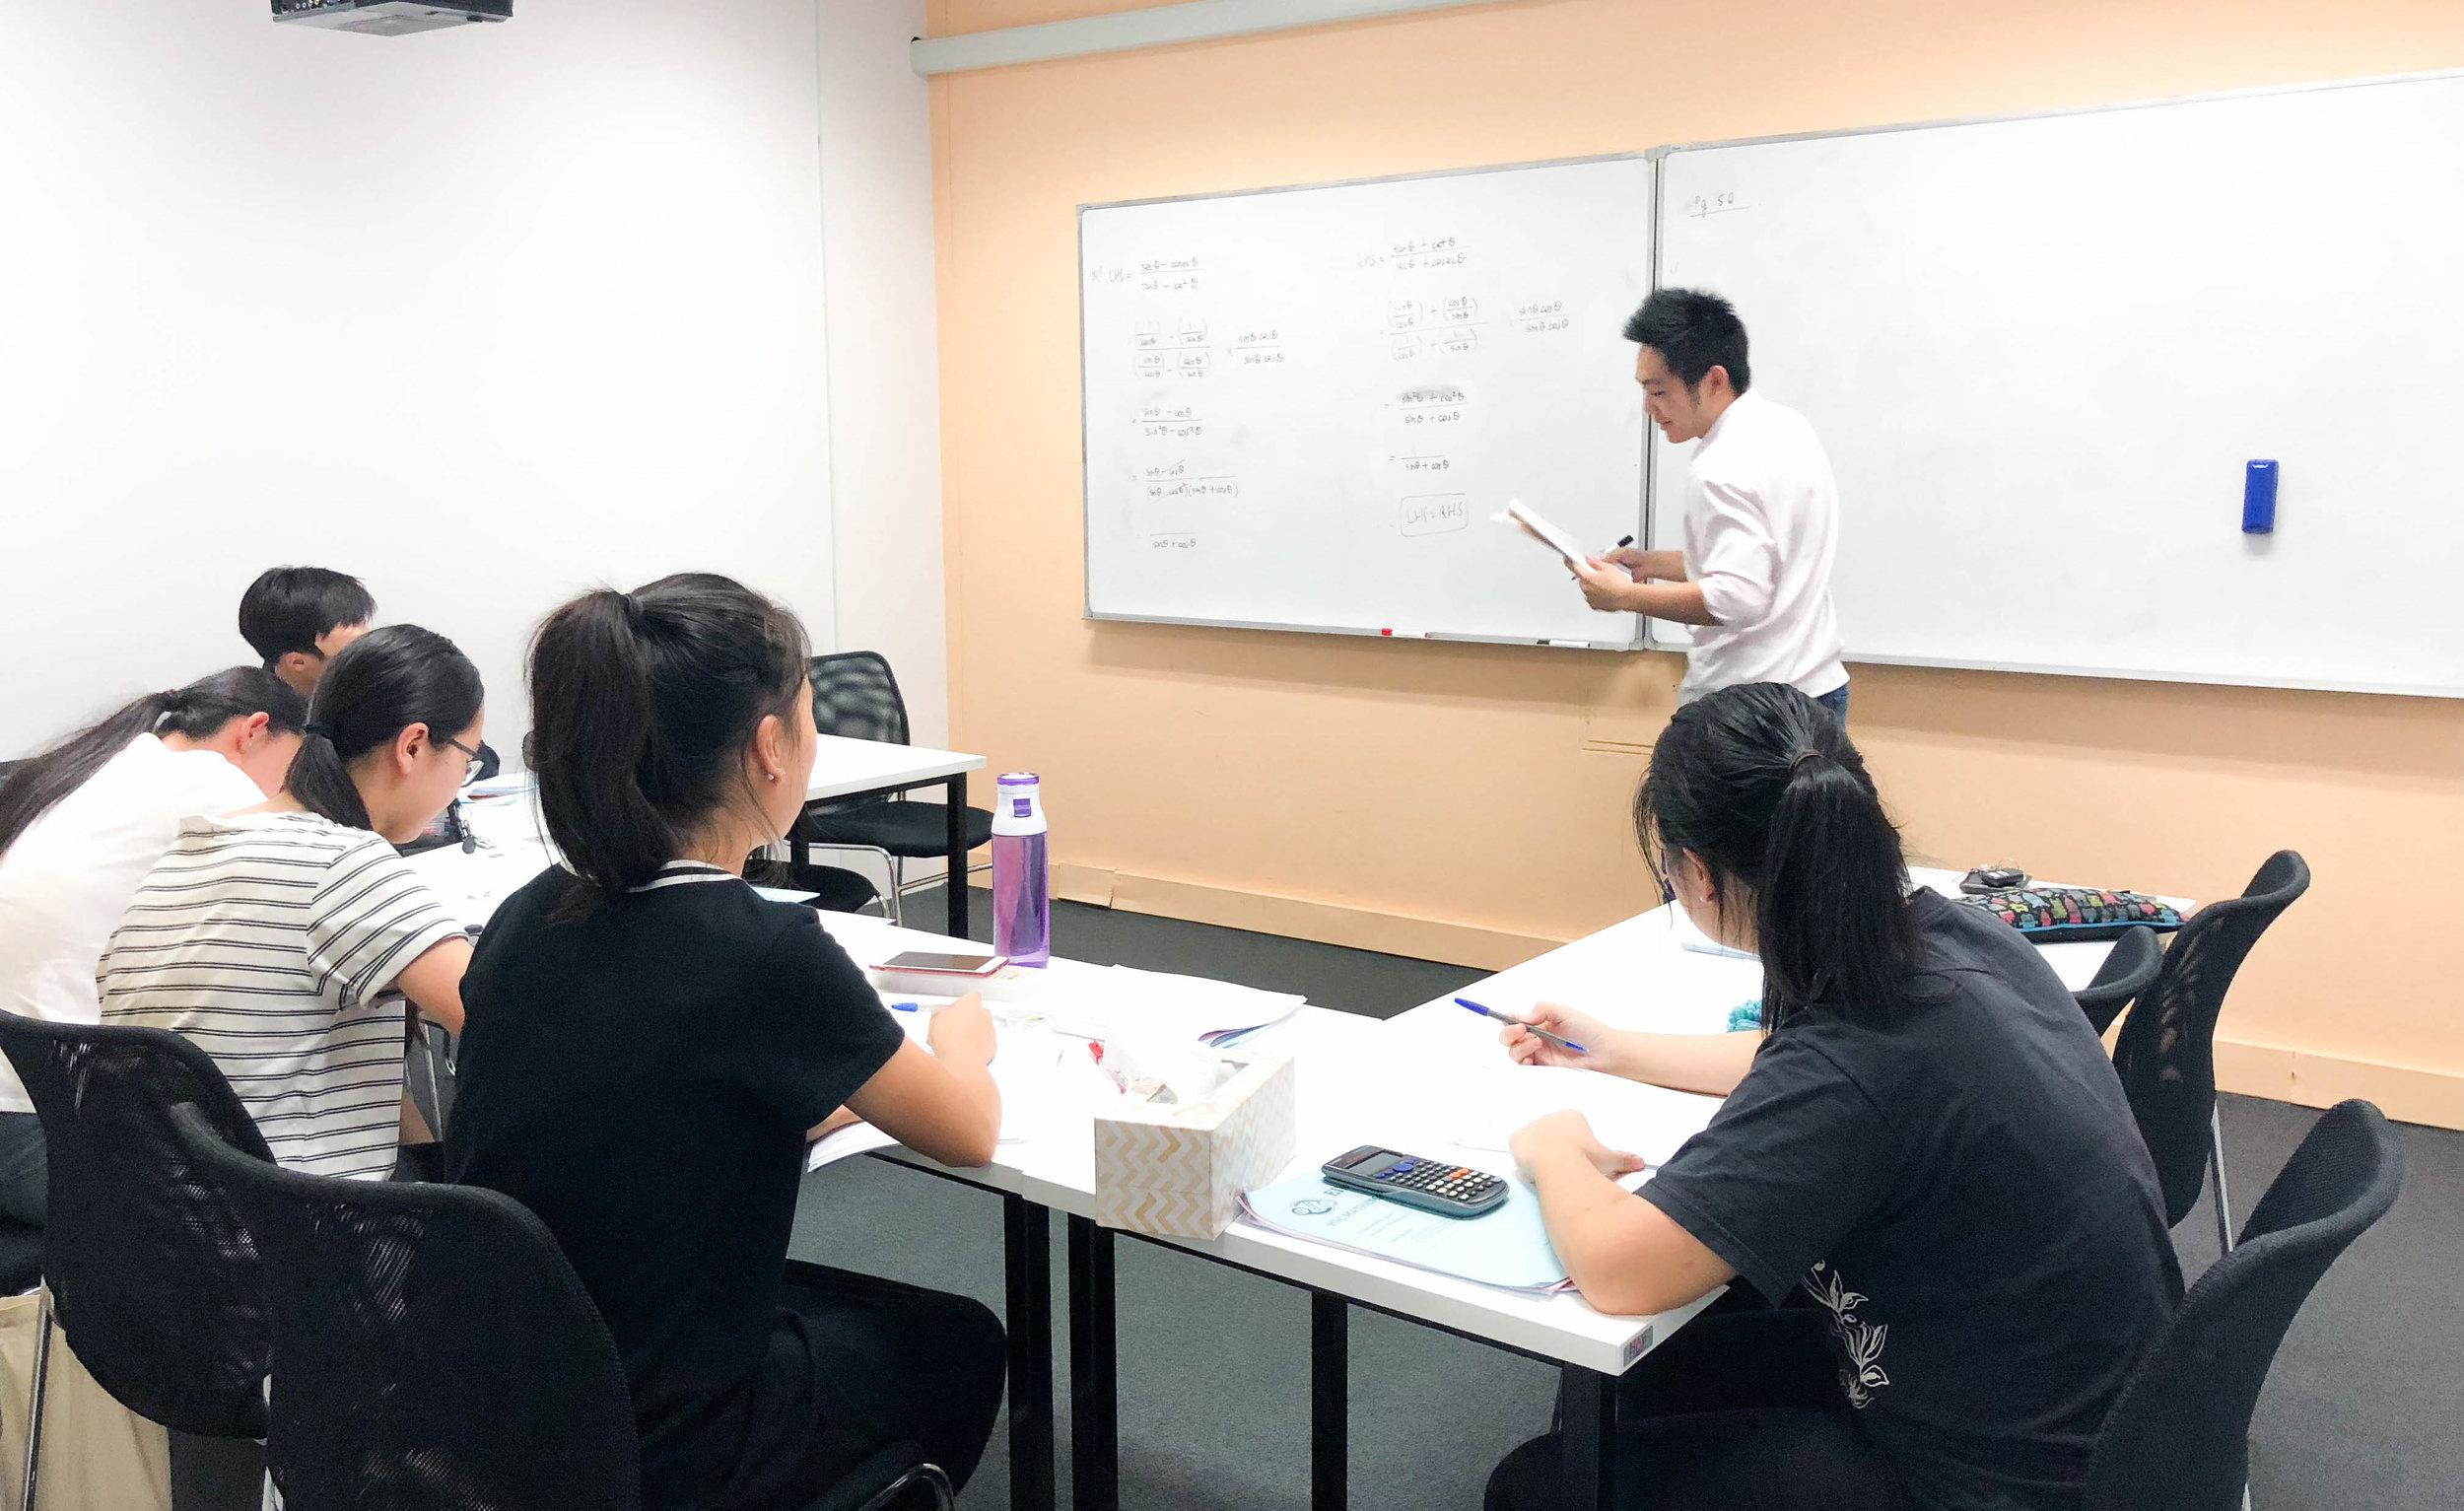 以学生为本 - EIM的导师会耐心的帮助学生,直到他们学会如何自己解题。 我们提倡有组织的计划和批判性思维。